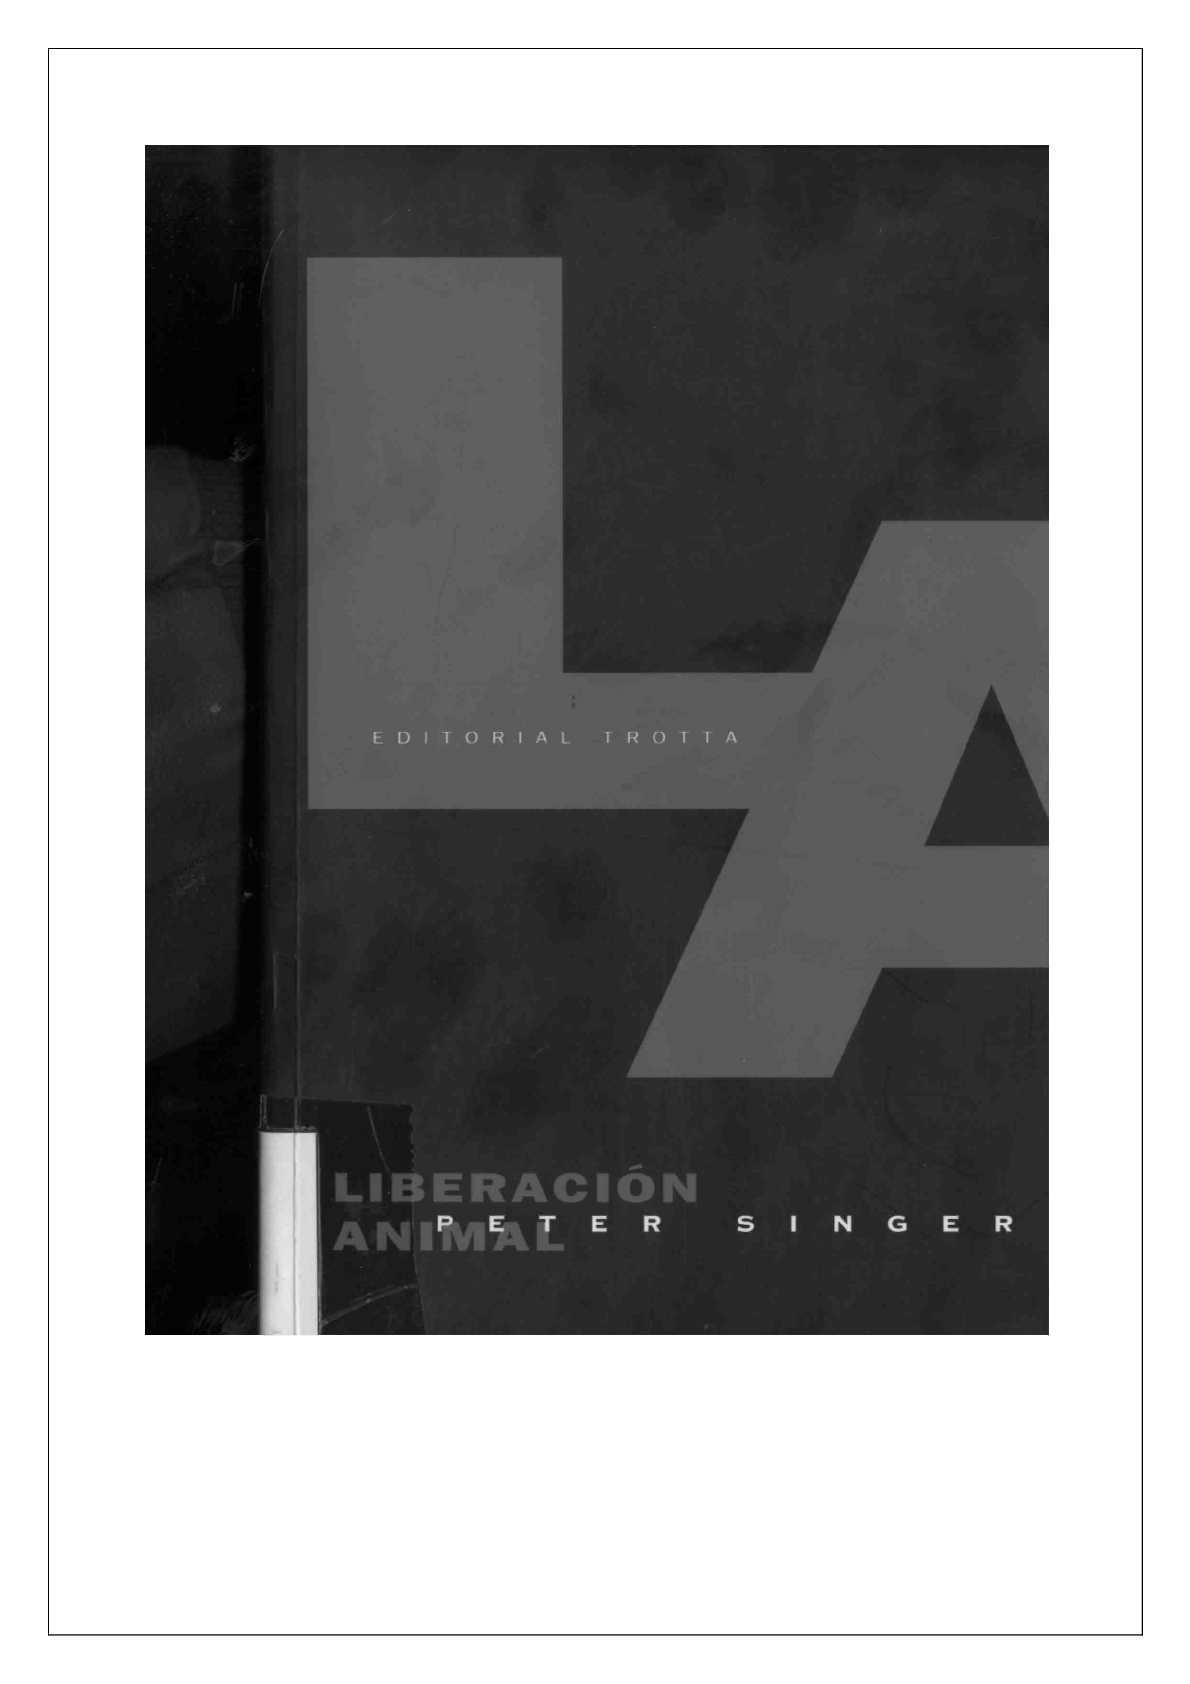 Calaméo - Liberación Animal . Peter Singer 03c89528b